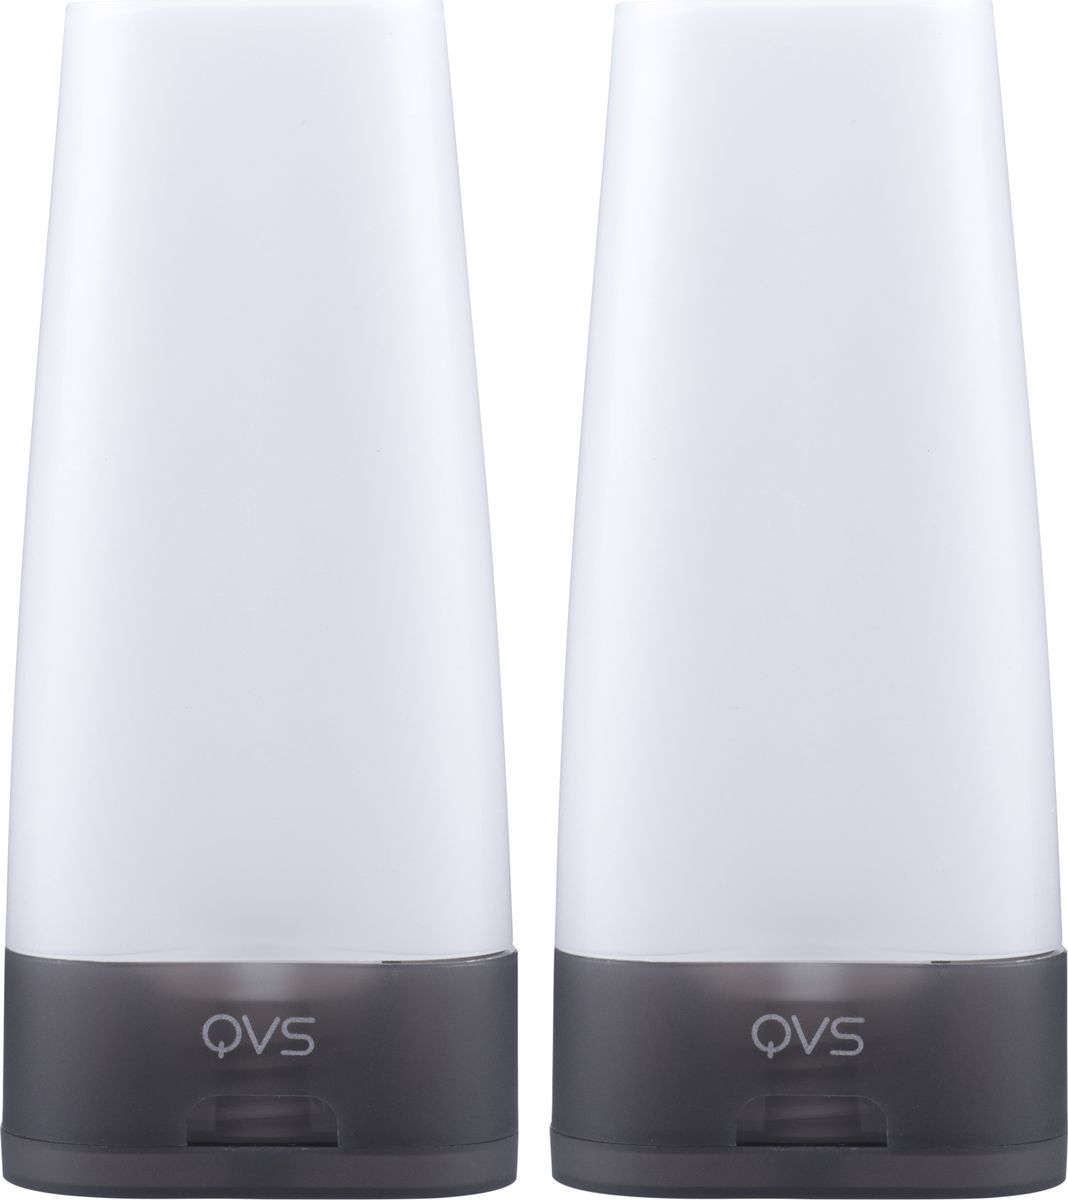 QVS Дорожные флаконы, 2 шт. 82-10-1723 бифидумбактерин 5доз порошок 10 флаконы